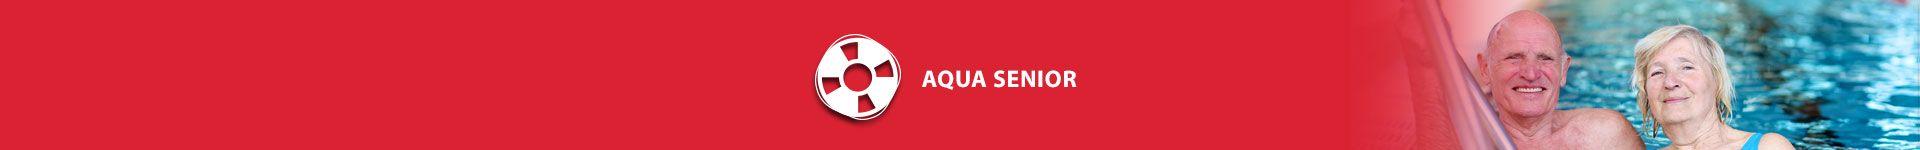 aqua senior